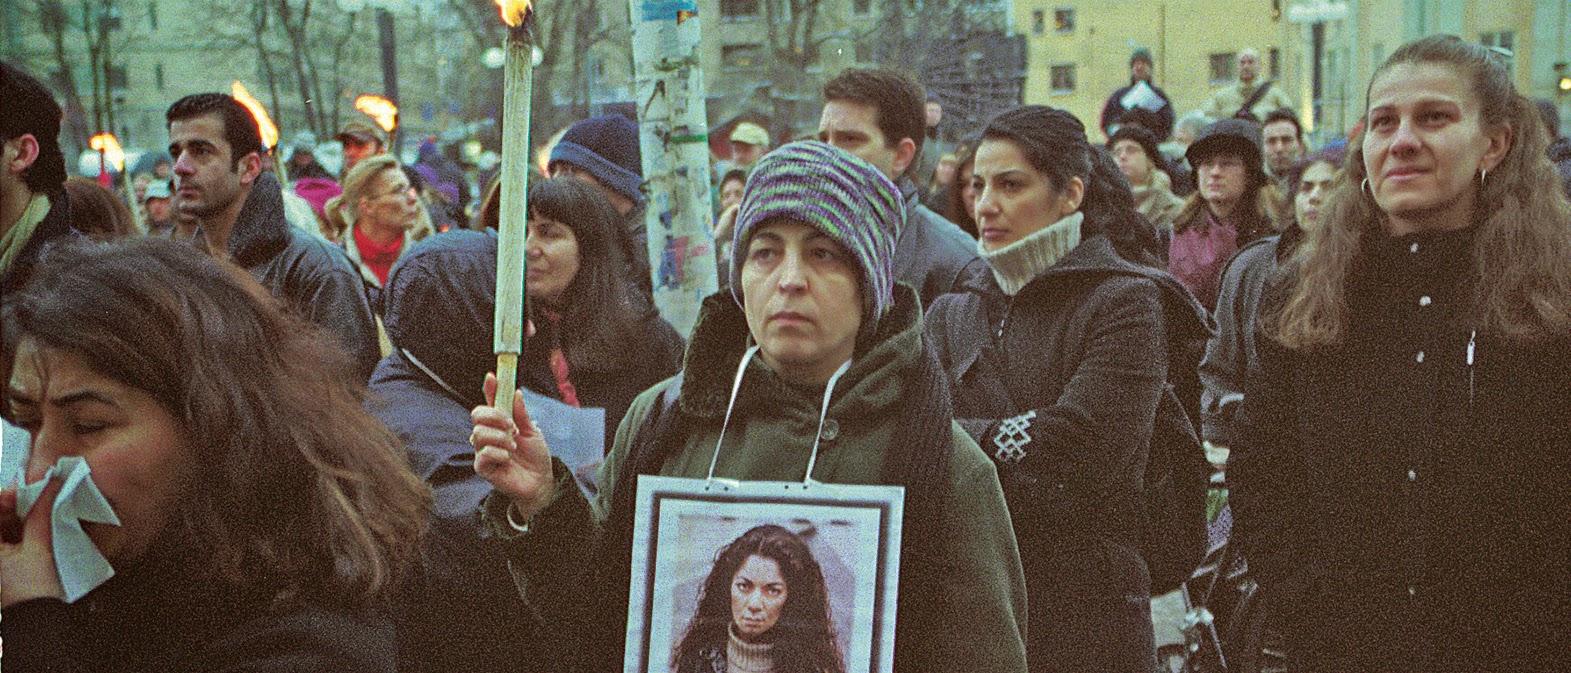 Stoppa mäns våld mot kvinnor, sexuella trakasserier & förtryck i hederns namn